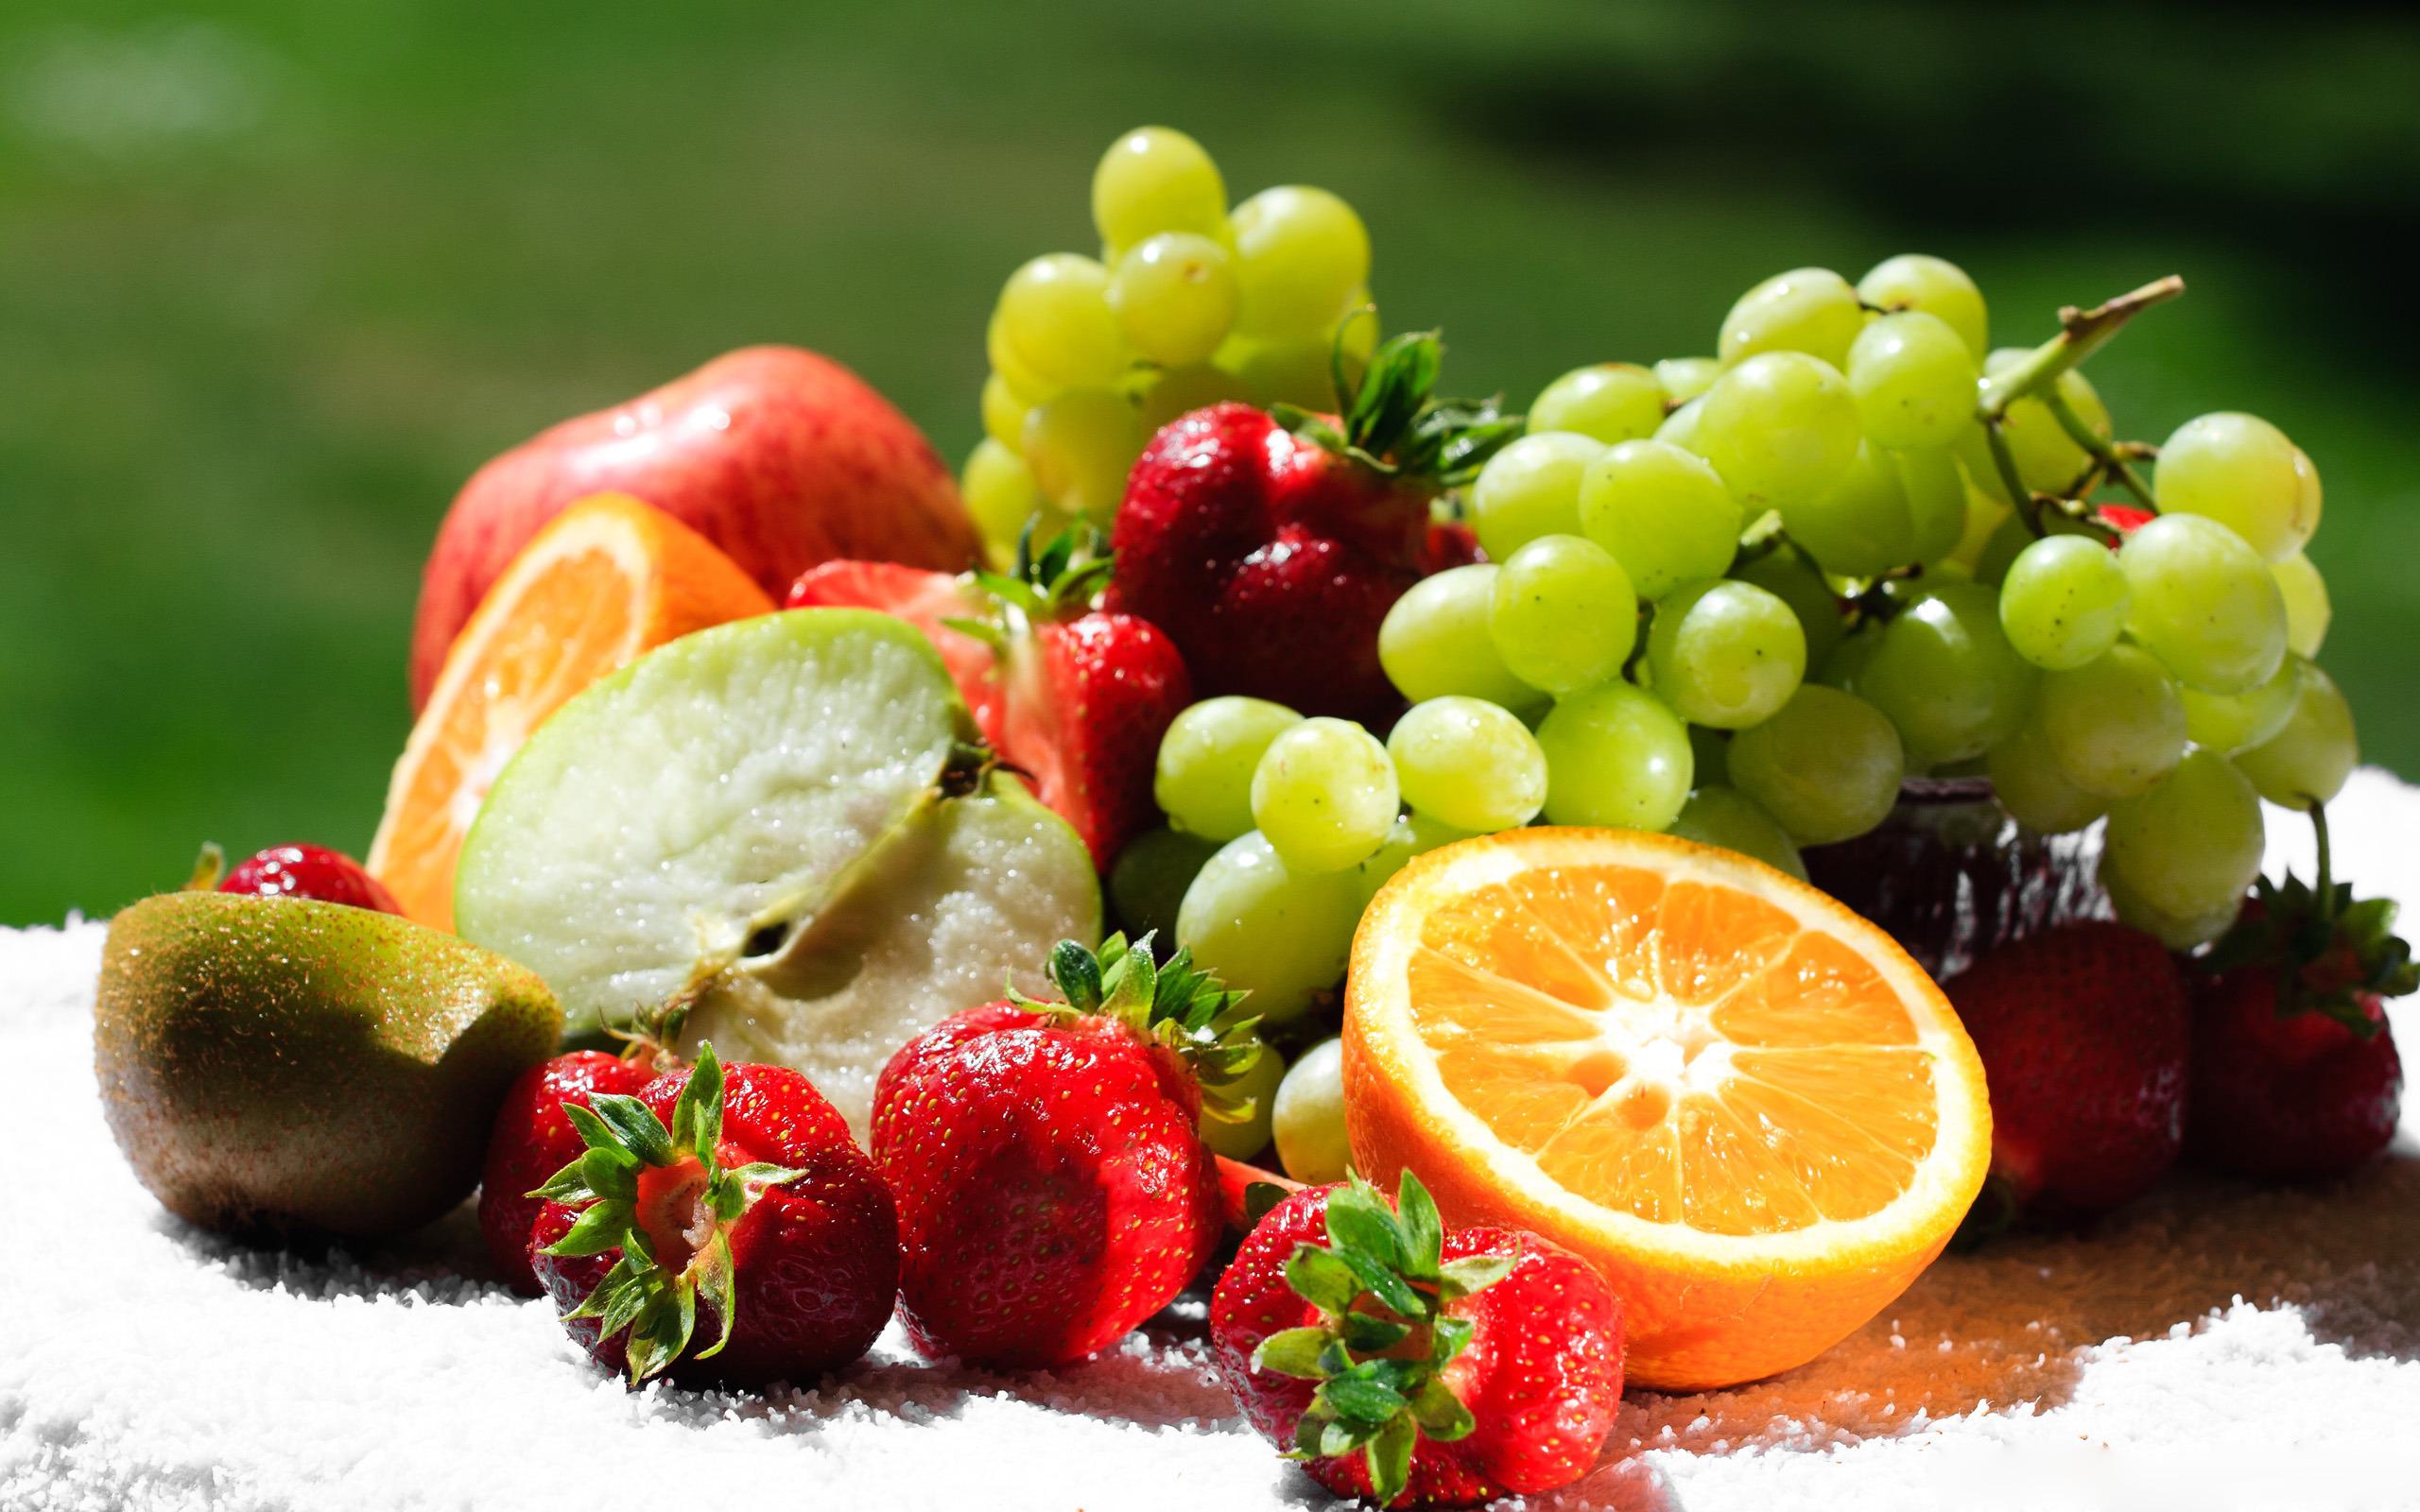 фрукты fruit  № 2921668 без смс